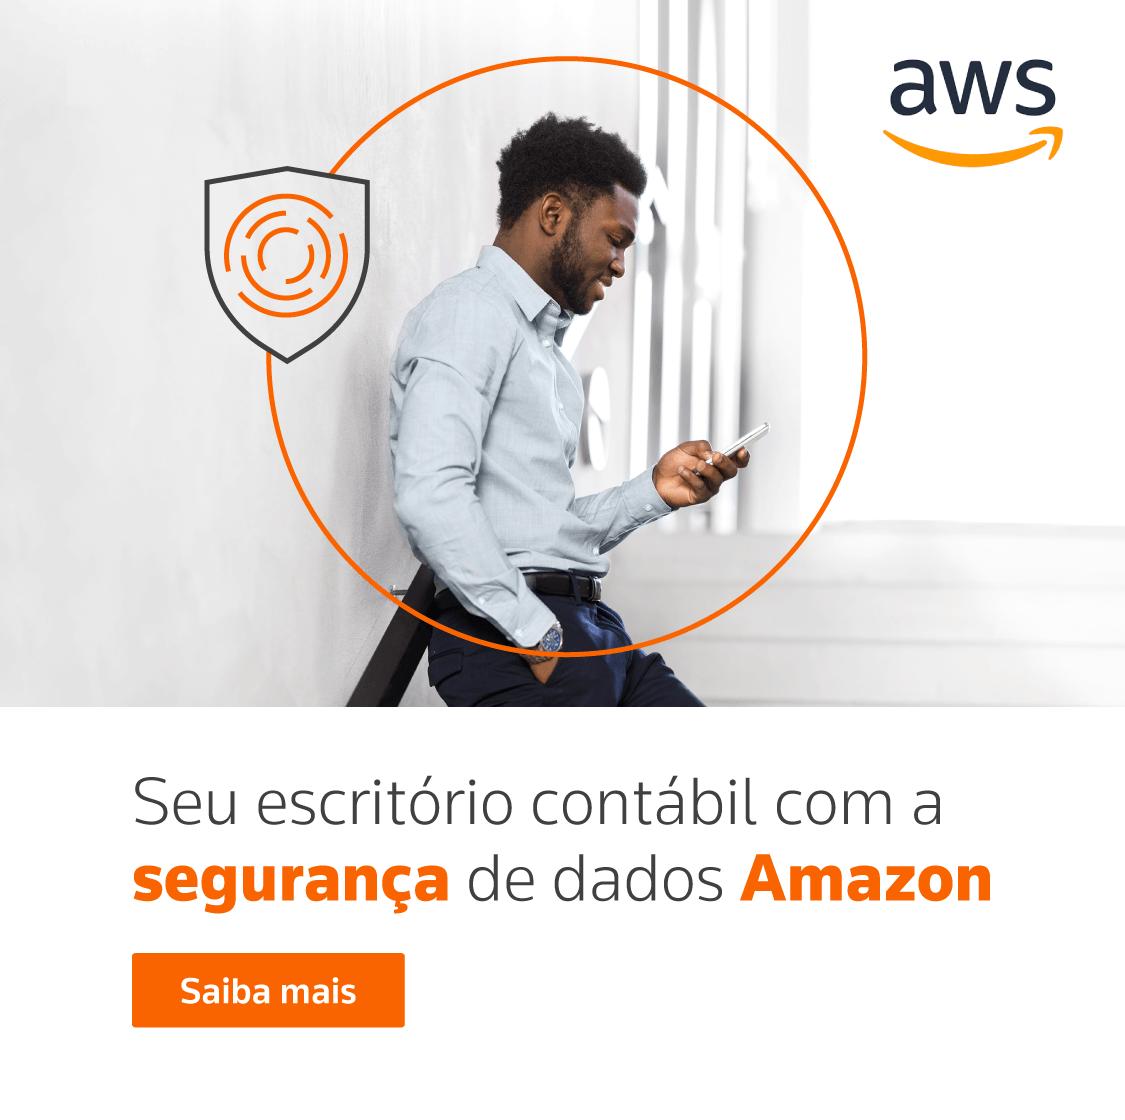 SEGURANÇA DE DADOS AMAZON